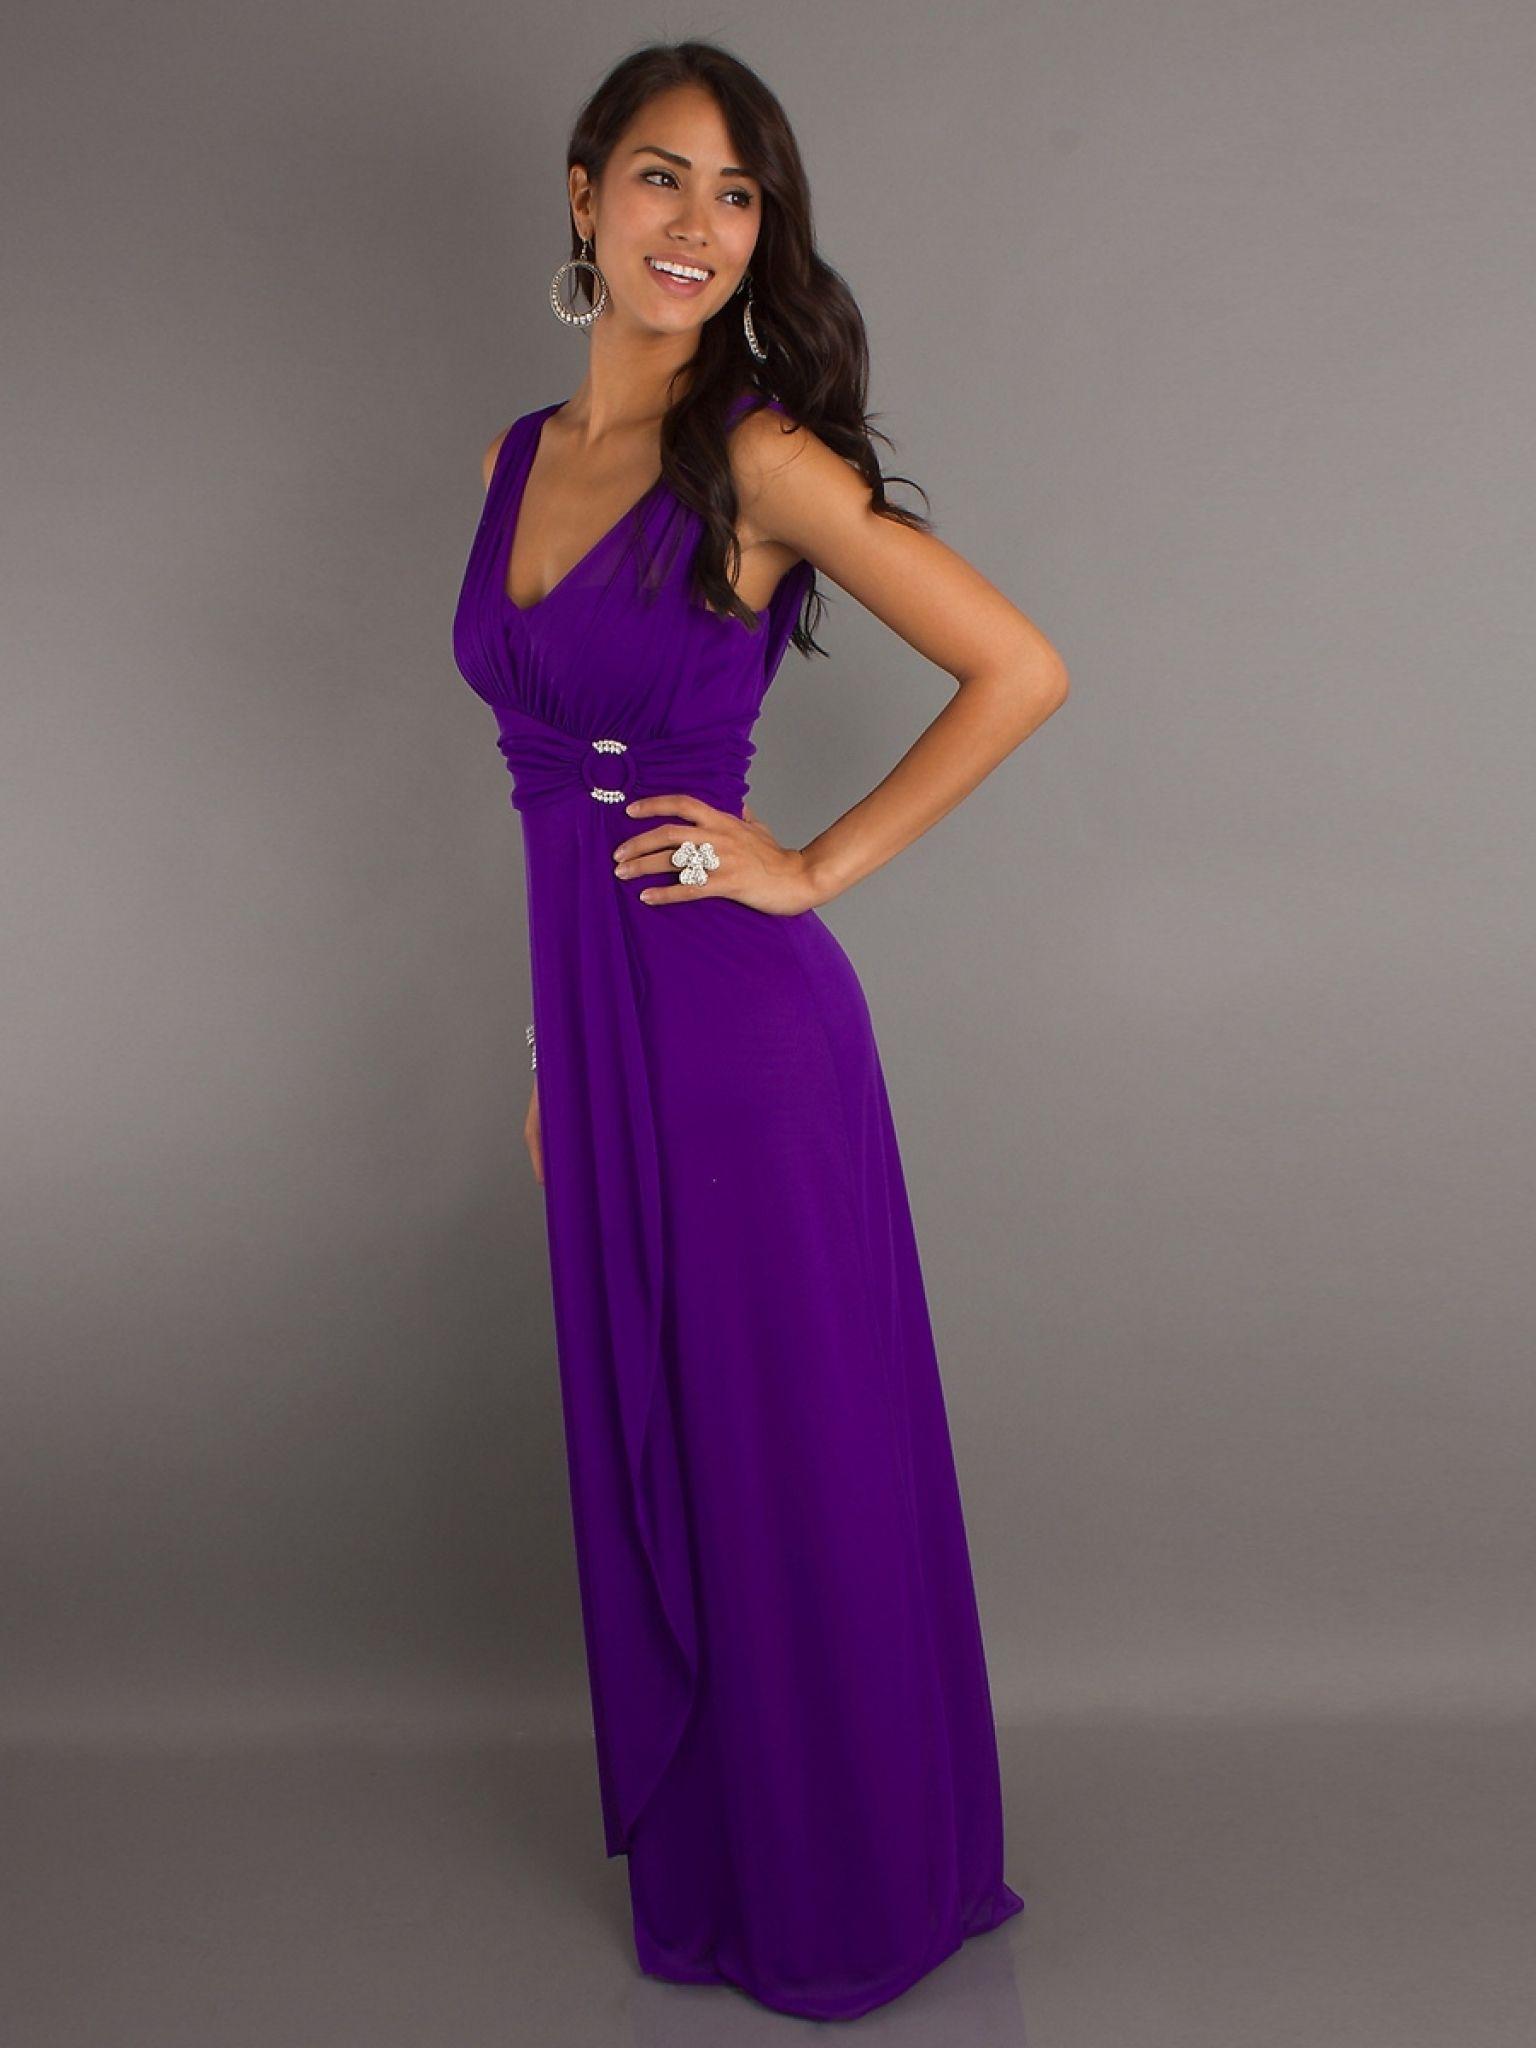 purple wedding guest dress - plus size dresses for wedding guest ...